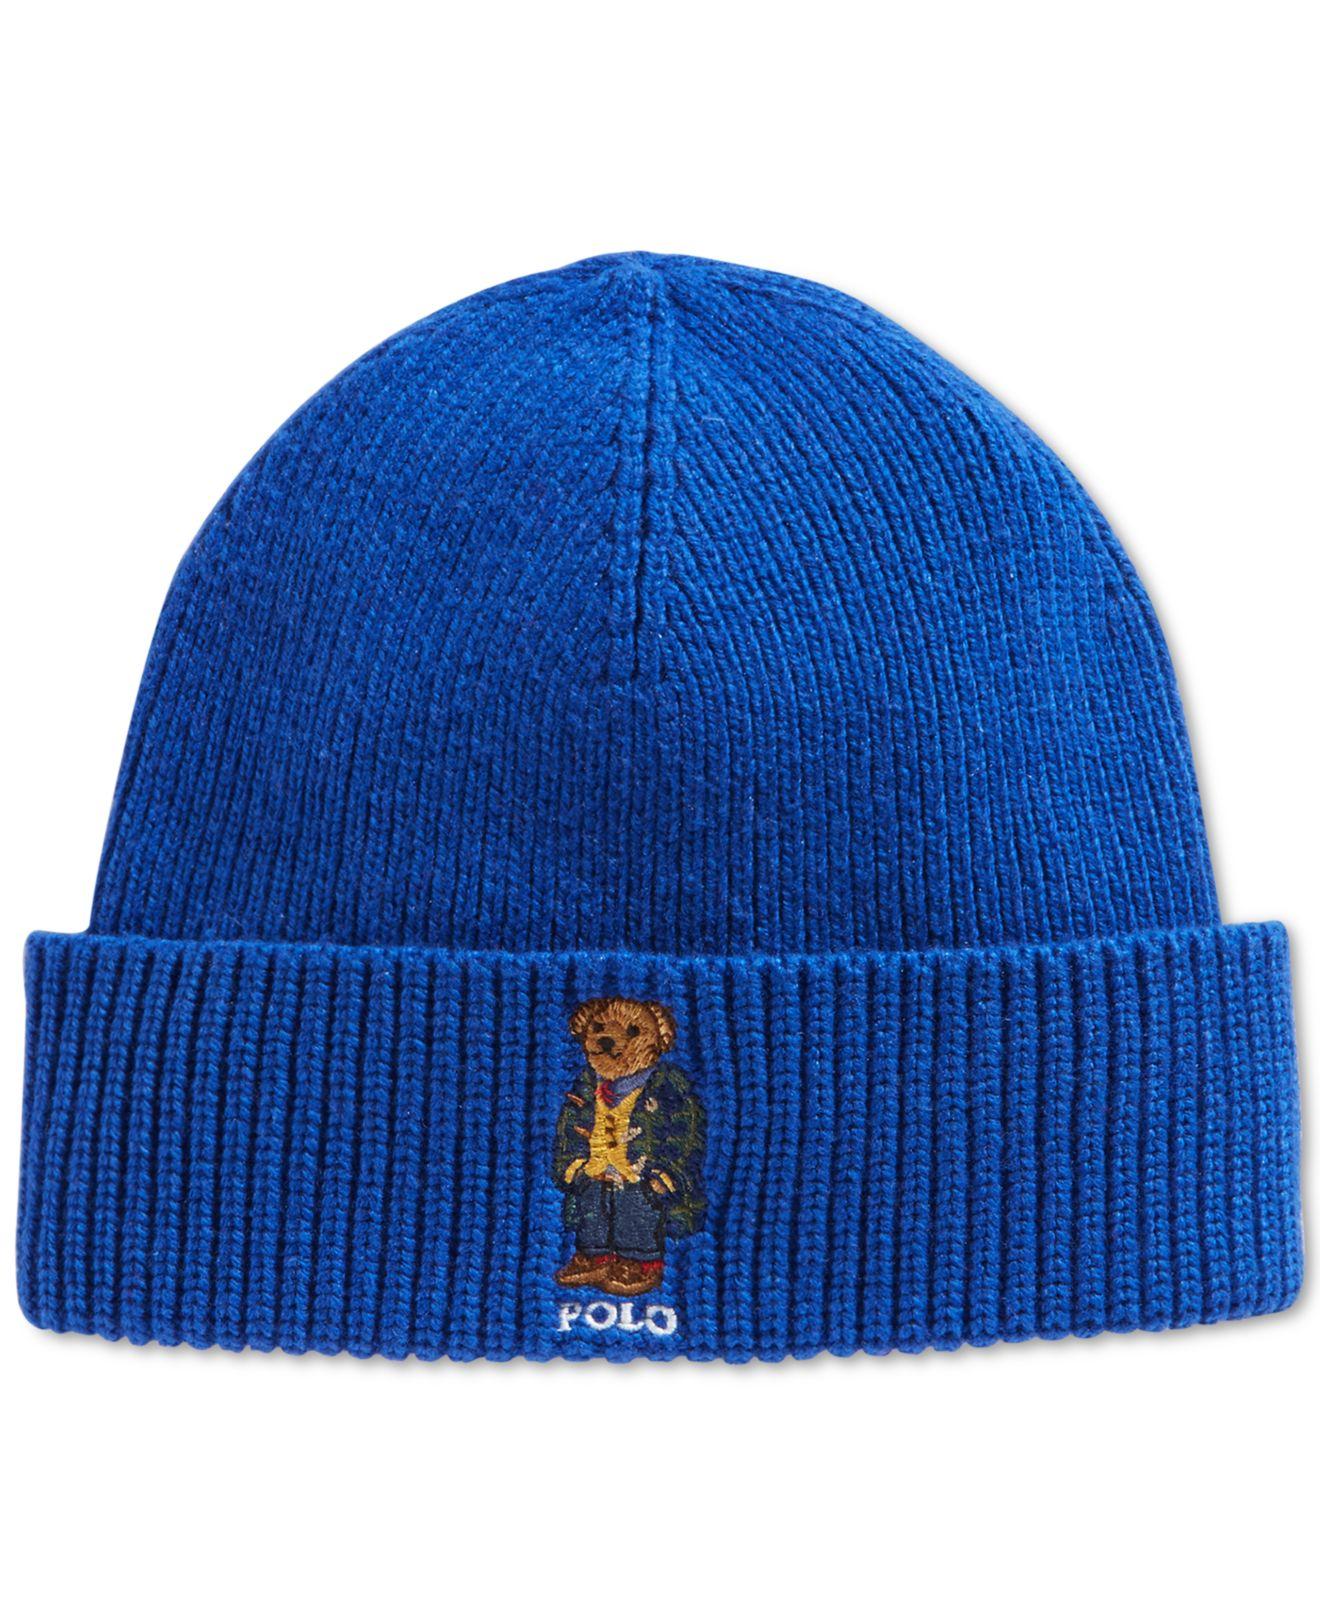 0d71d92509671 Polo Ralph Lauren Blackwatch Bear Beanie in Blue for Men - Lyst